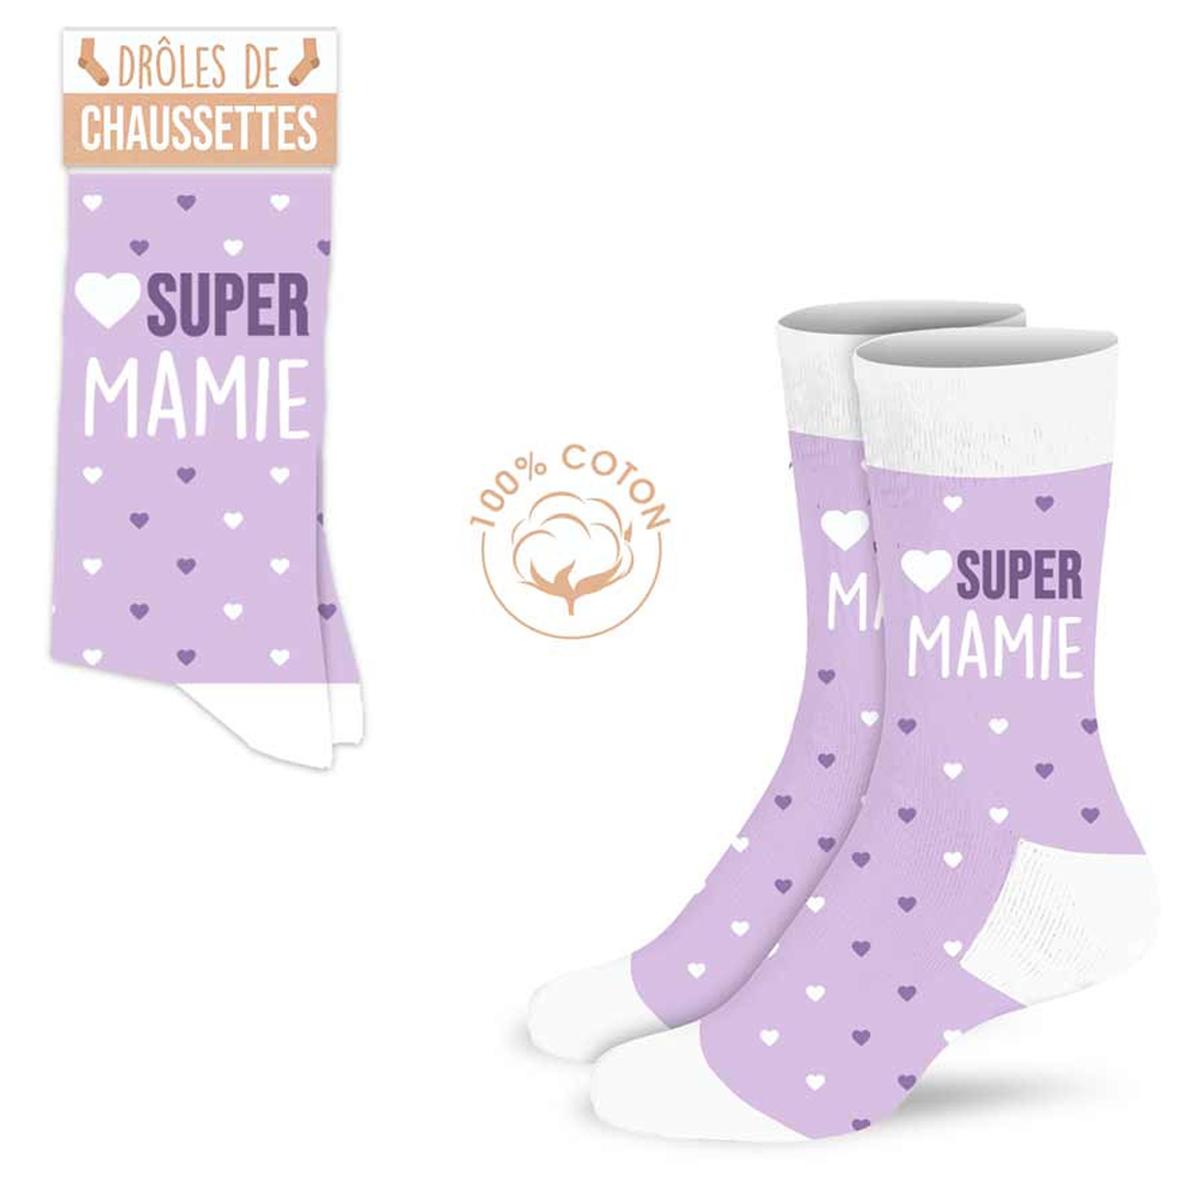 Chaussettes coton tendresse \'Super Mamie\' mauve - taille unique - [A0987]